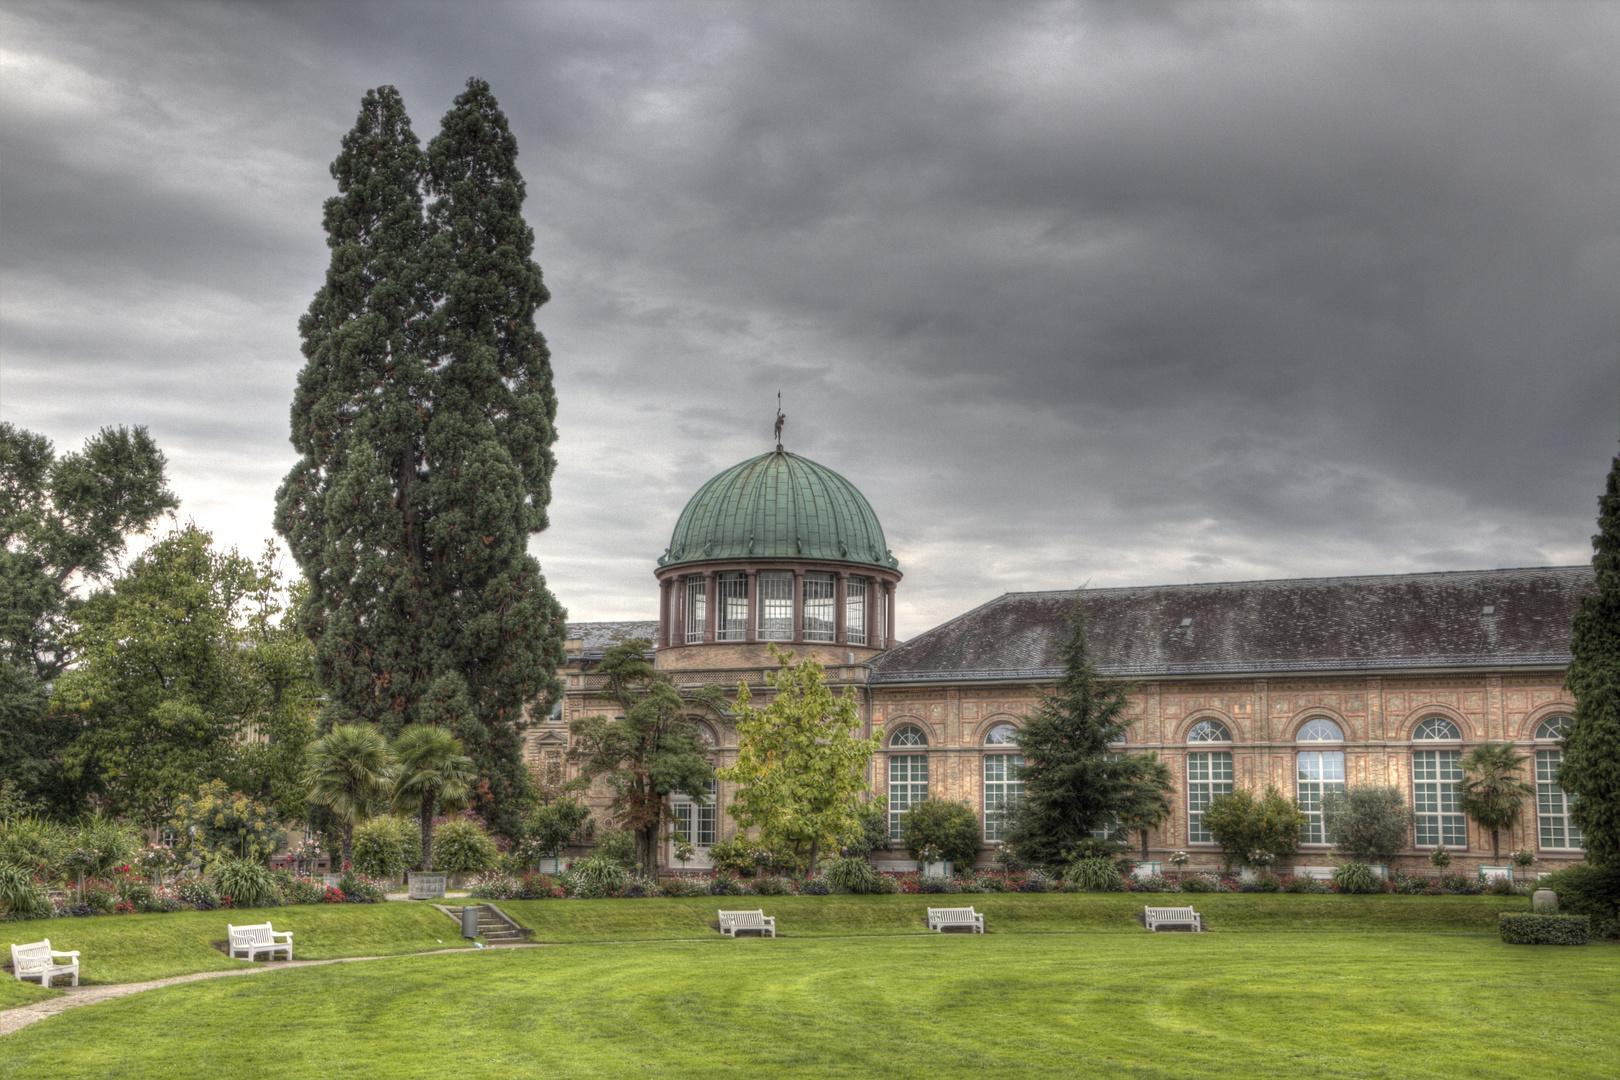 Botanischer Garten Karlsruhe - Orangerie und Staatliche Kunsthalle in HDR